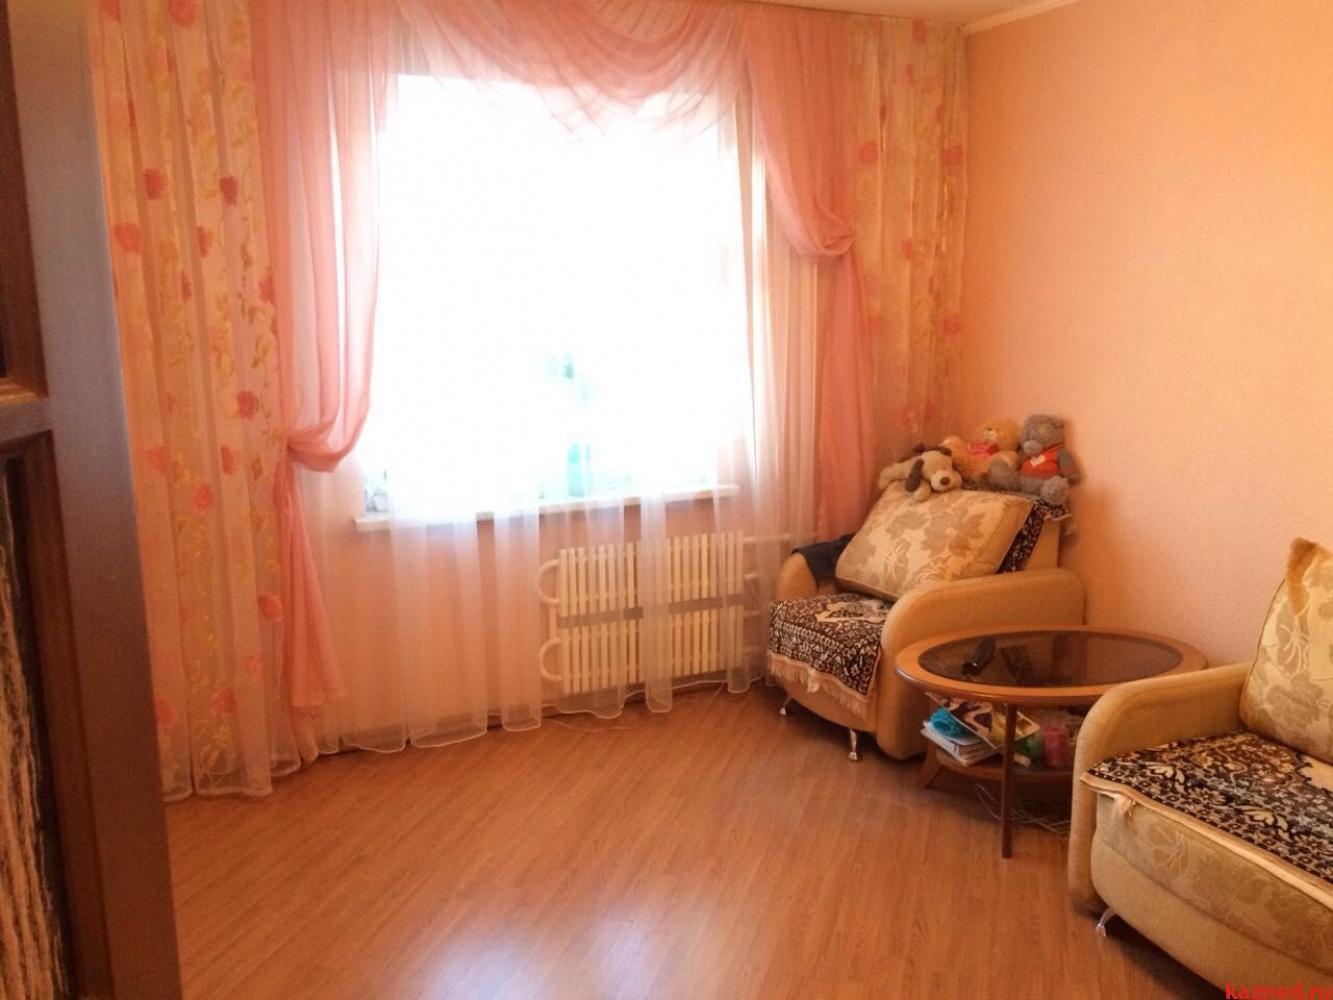 Продажа 1-к квартиры Джаудата Файзи д.10А, 36 м² (миниатюра №2)